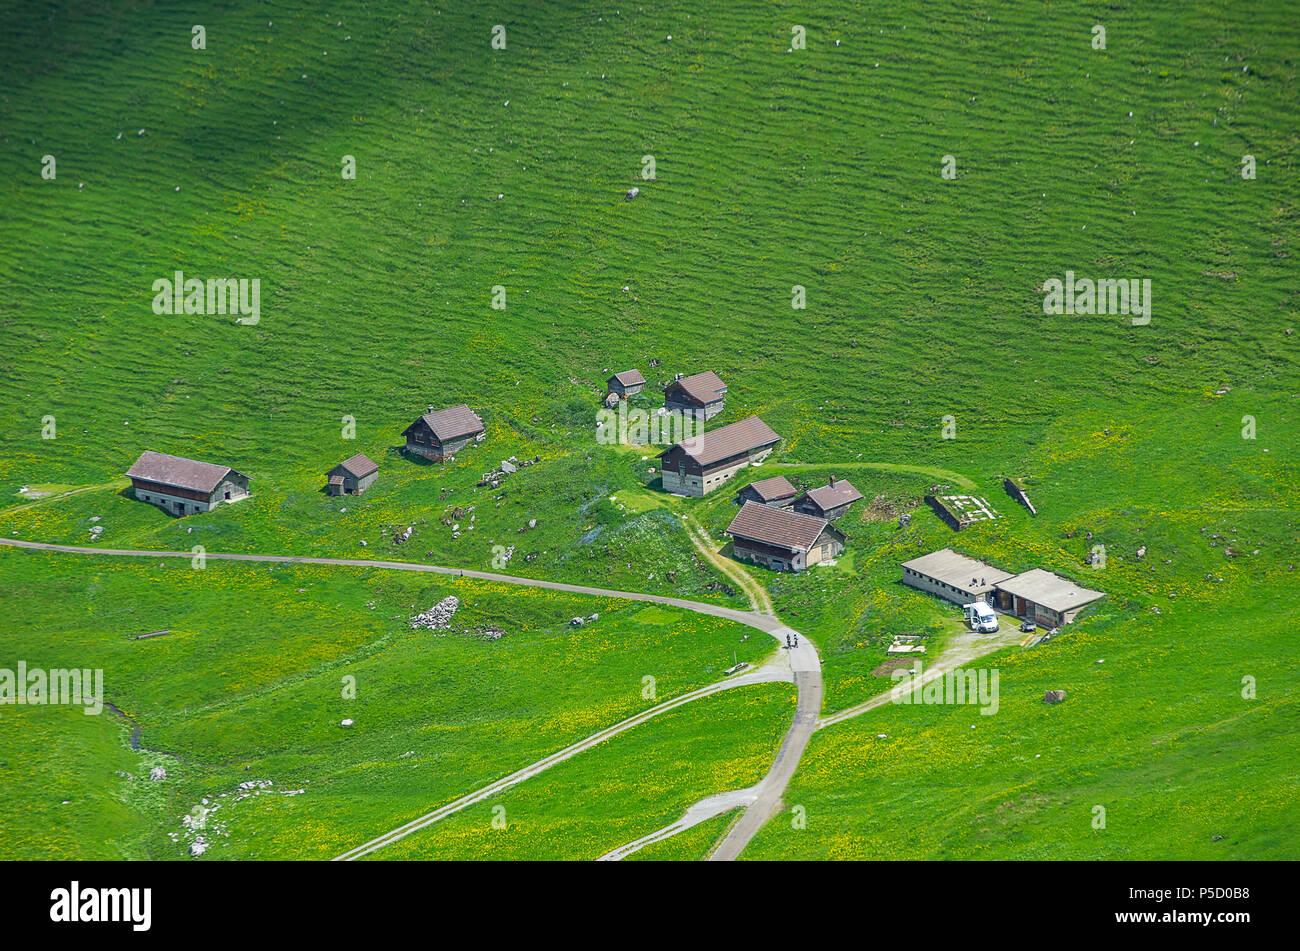 Homestead auf der Schwägalp in den Schweizer Alpen, im Kanton Appenzell Ausserrhoden, Schweiz, vom Säntis Seilbahn gesehen. Stockfoto